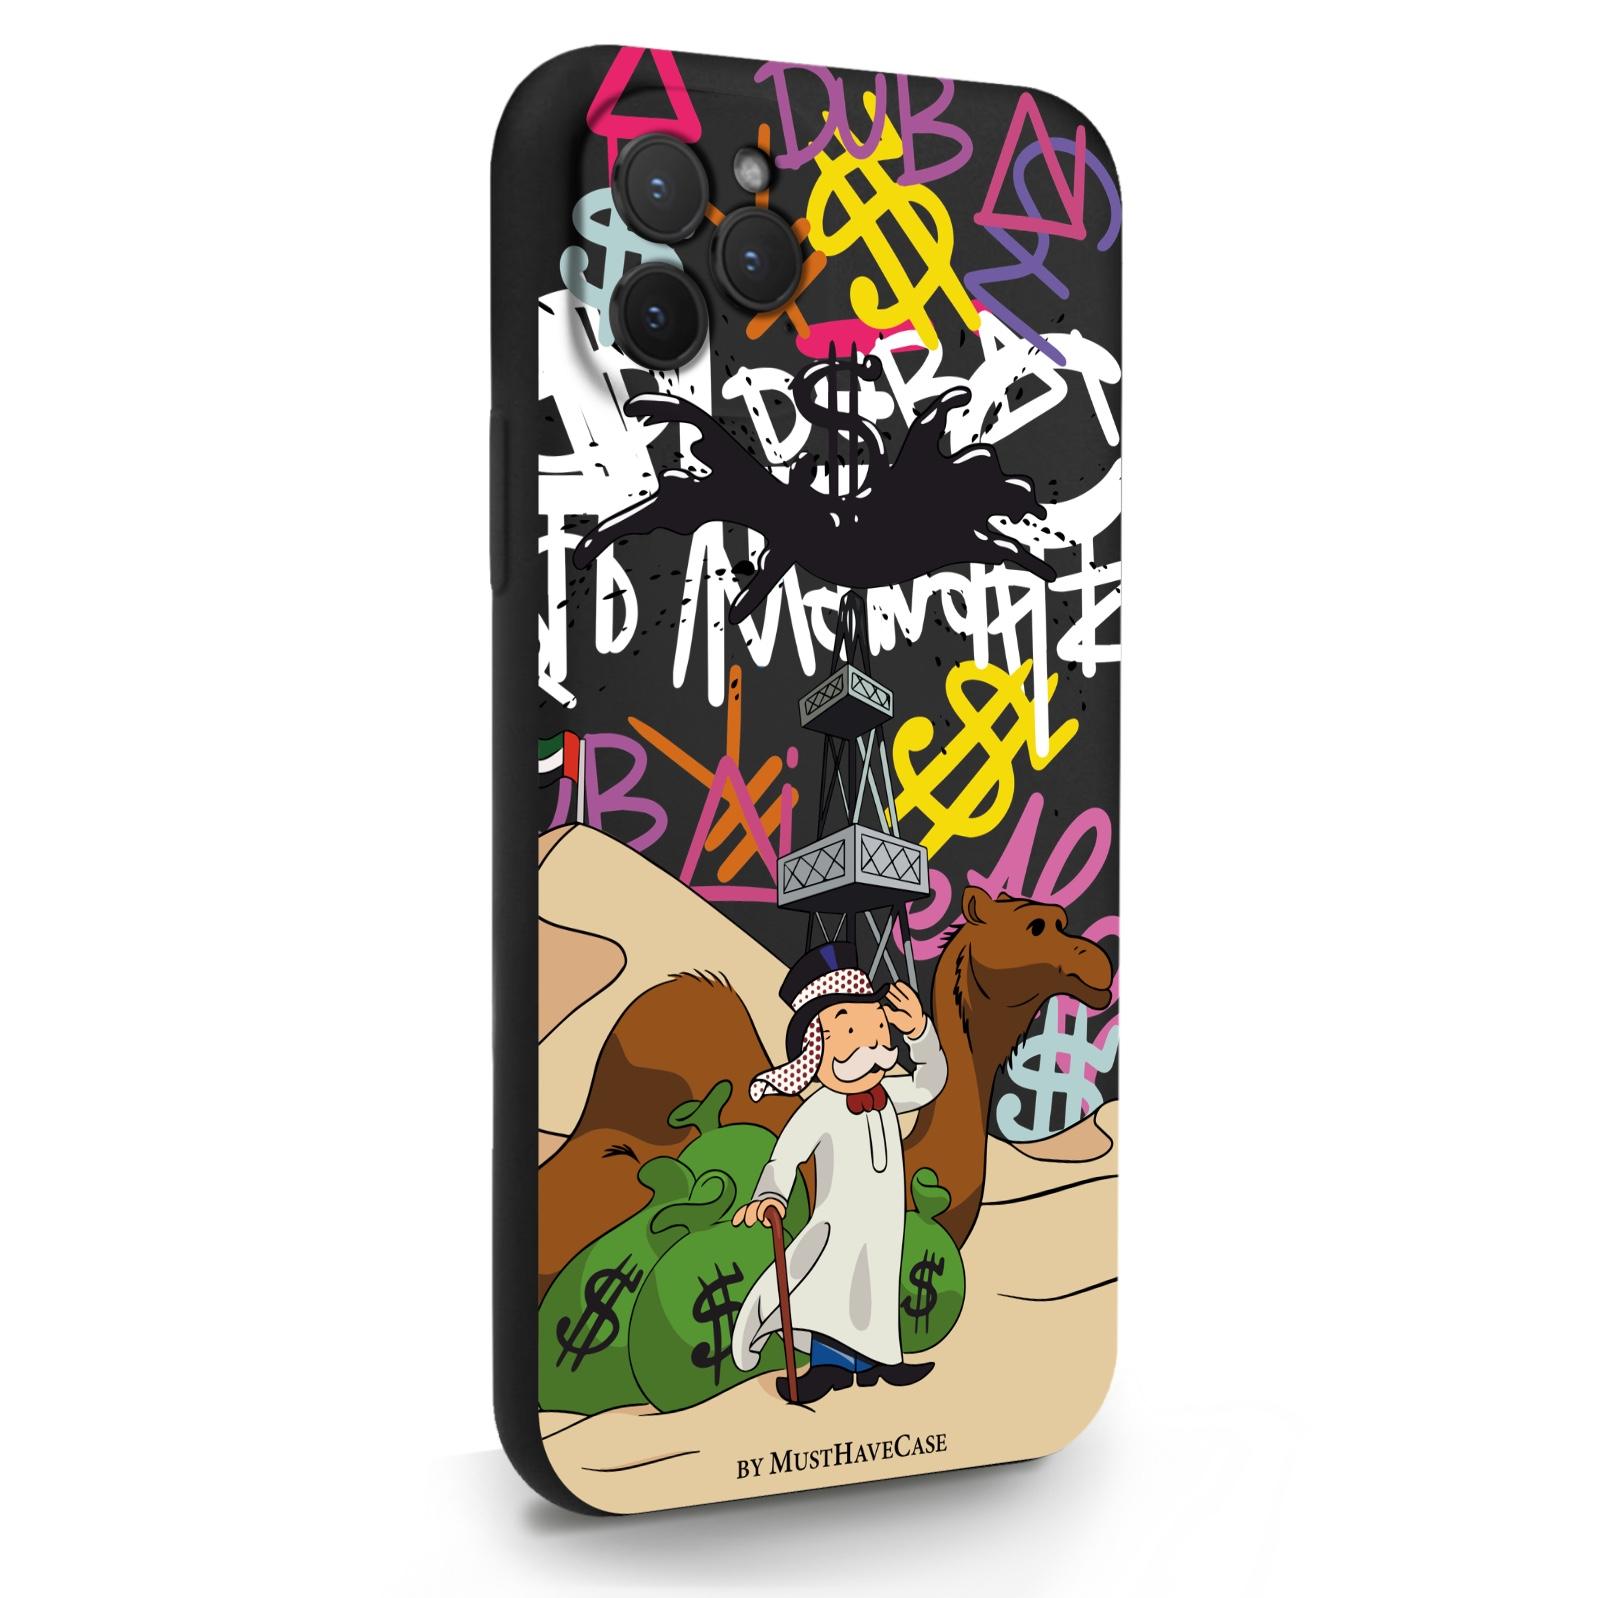 Черный силиконовый чехол для iPhone 11 Pro Monopoly Dubai/ Дубай для Айфон 11 Про